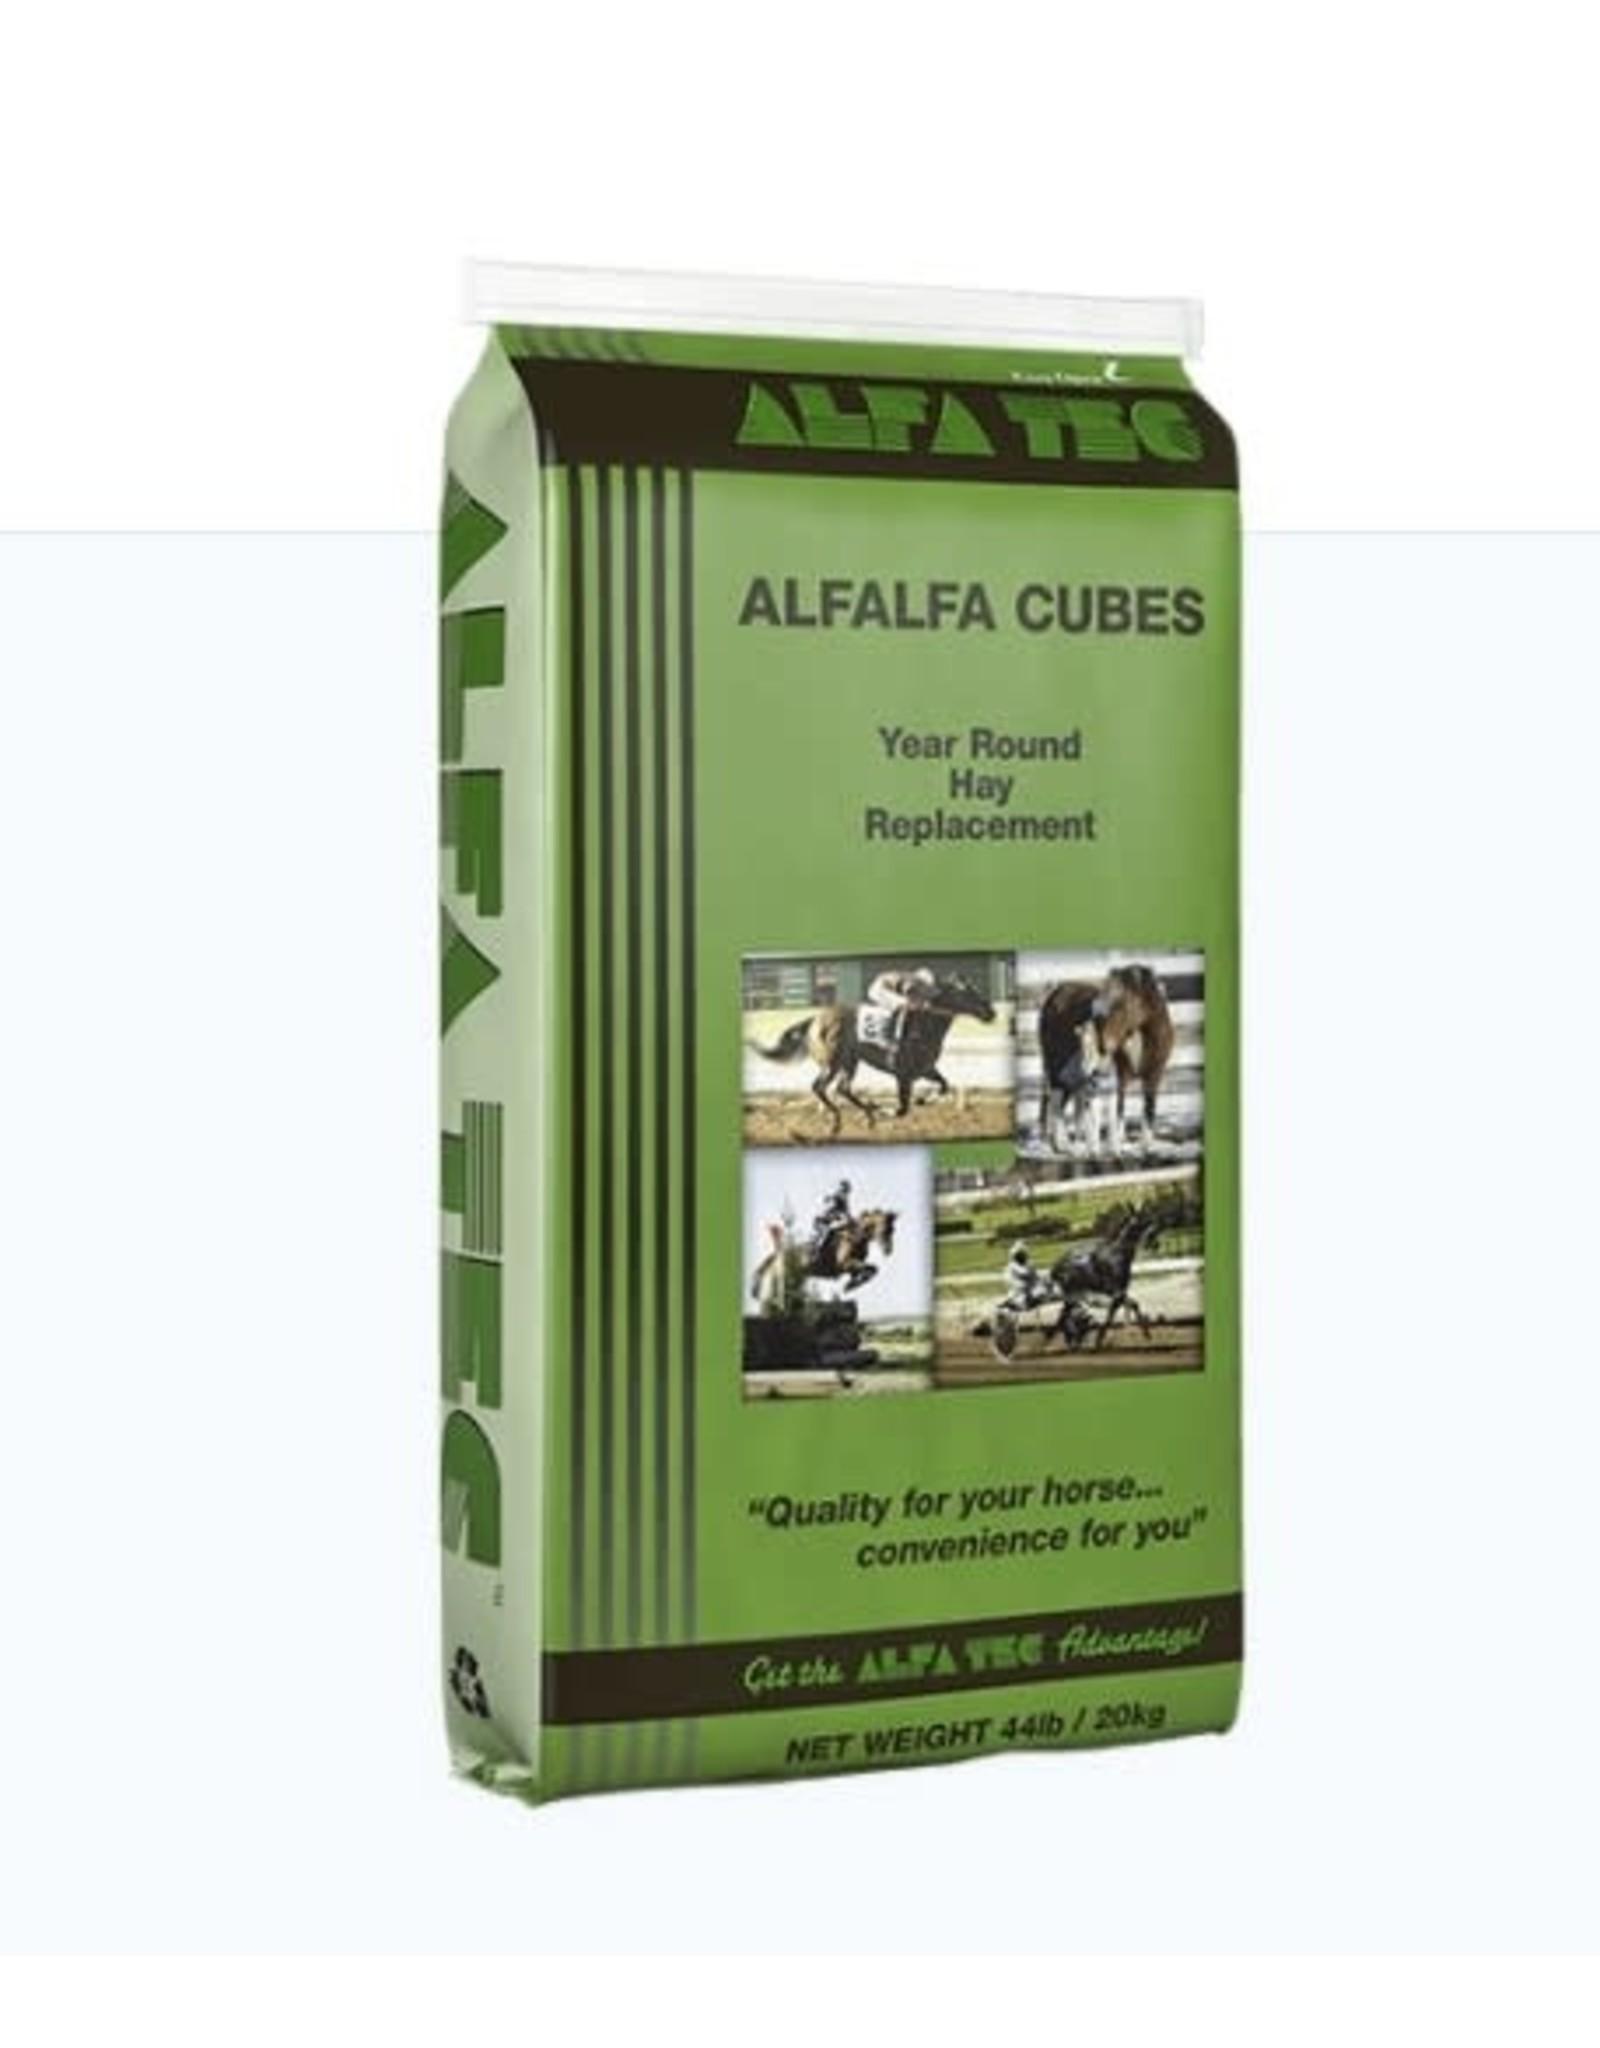 Alfa-Tec Alfa-Tec Alfalfa Cubes 20KG